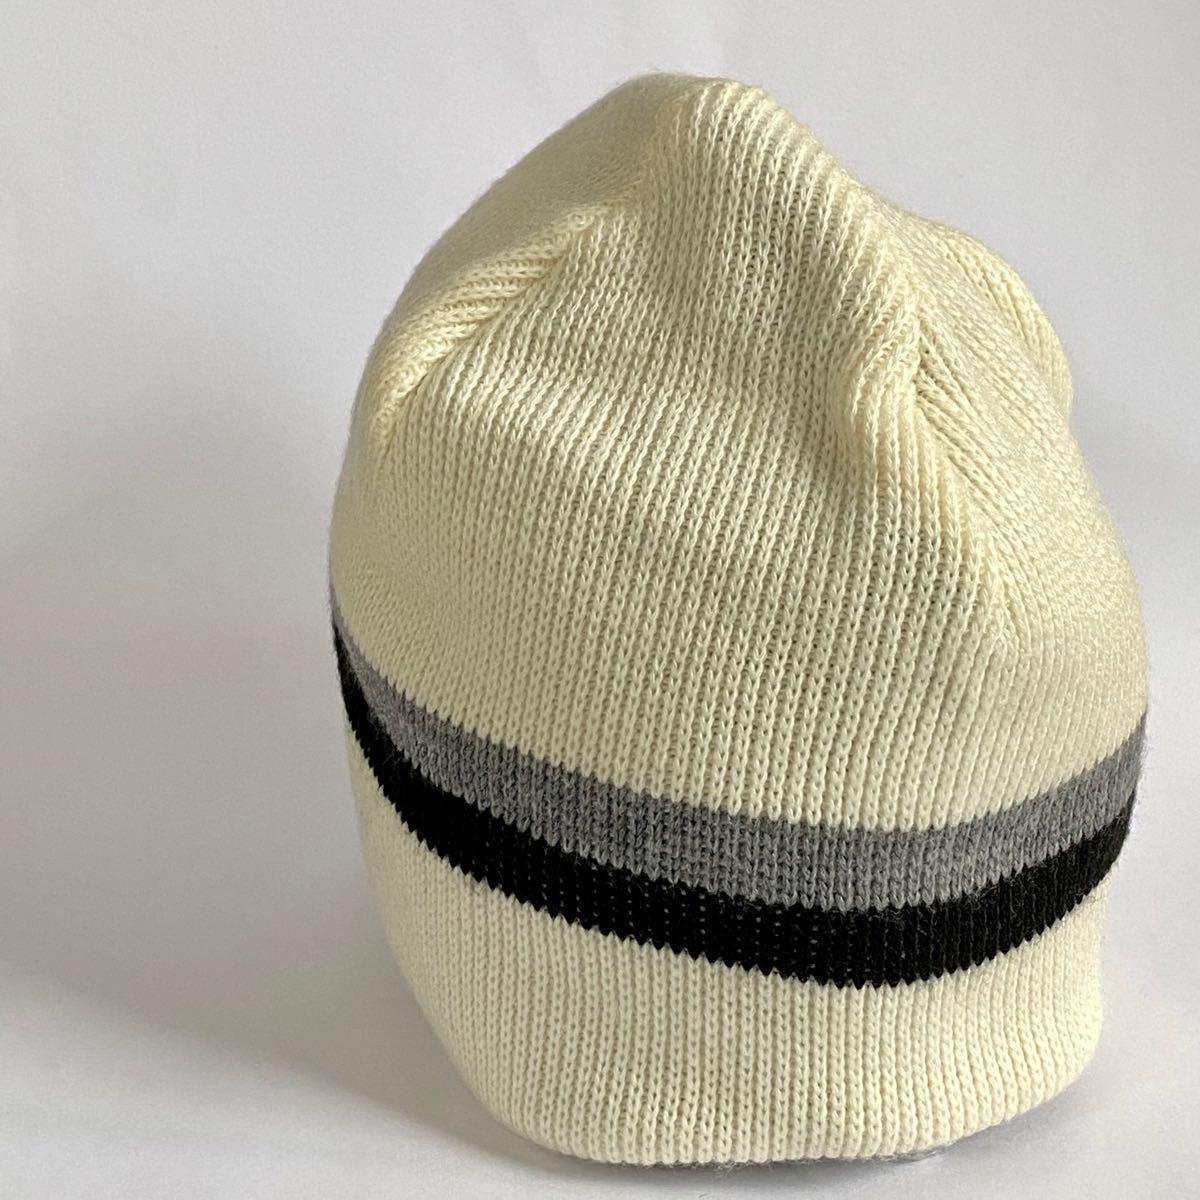 ニット帽 男女兼用 冬用 ニットキャップ アウトドア ニット帽